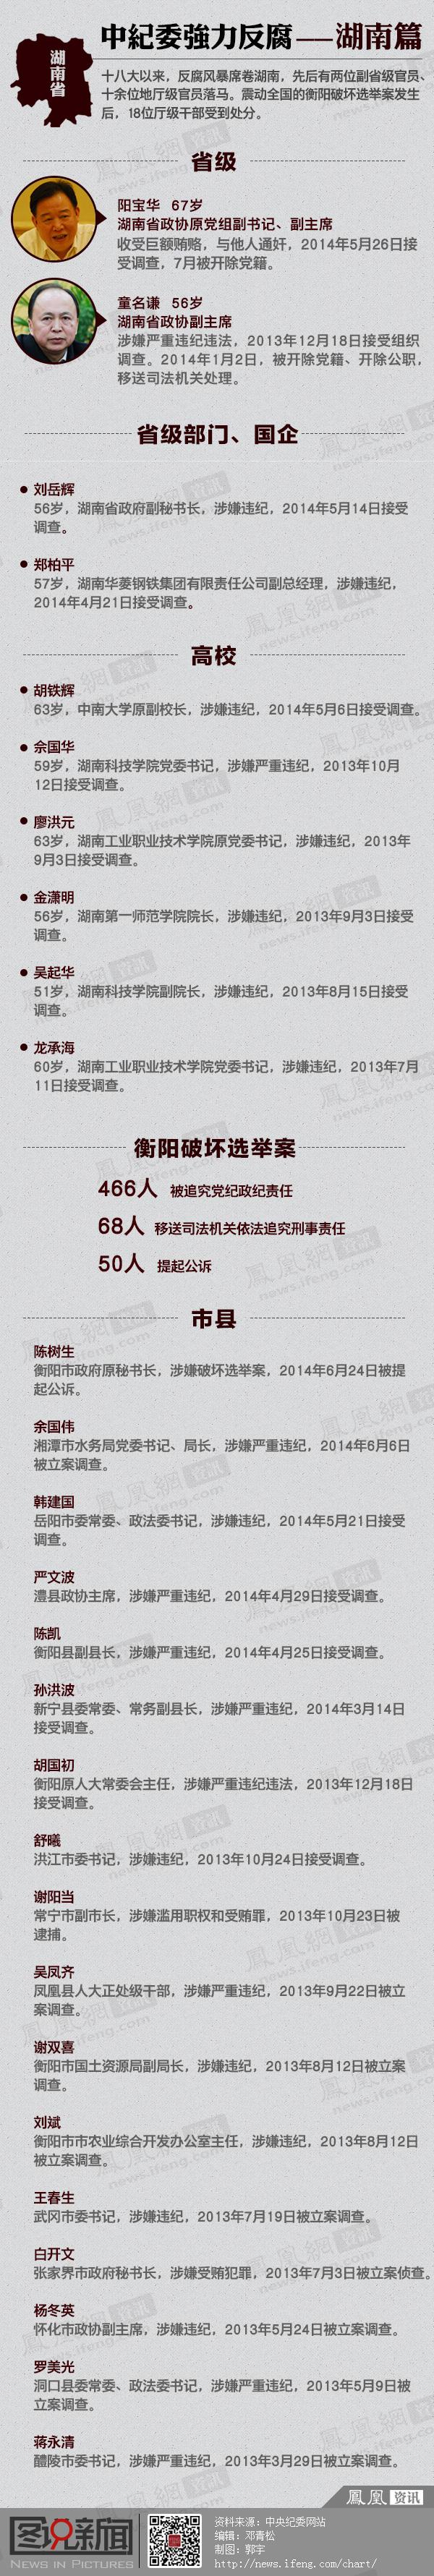 中纪委强力反腐之湖南篇